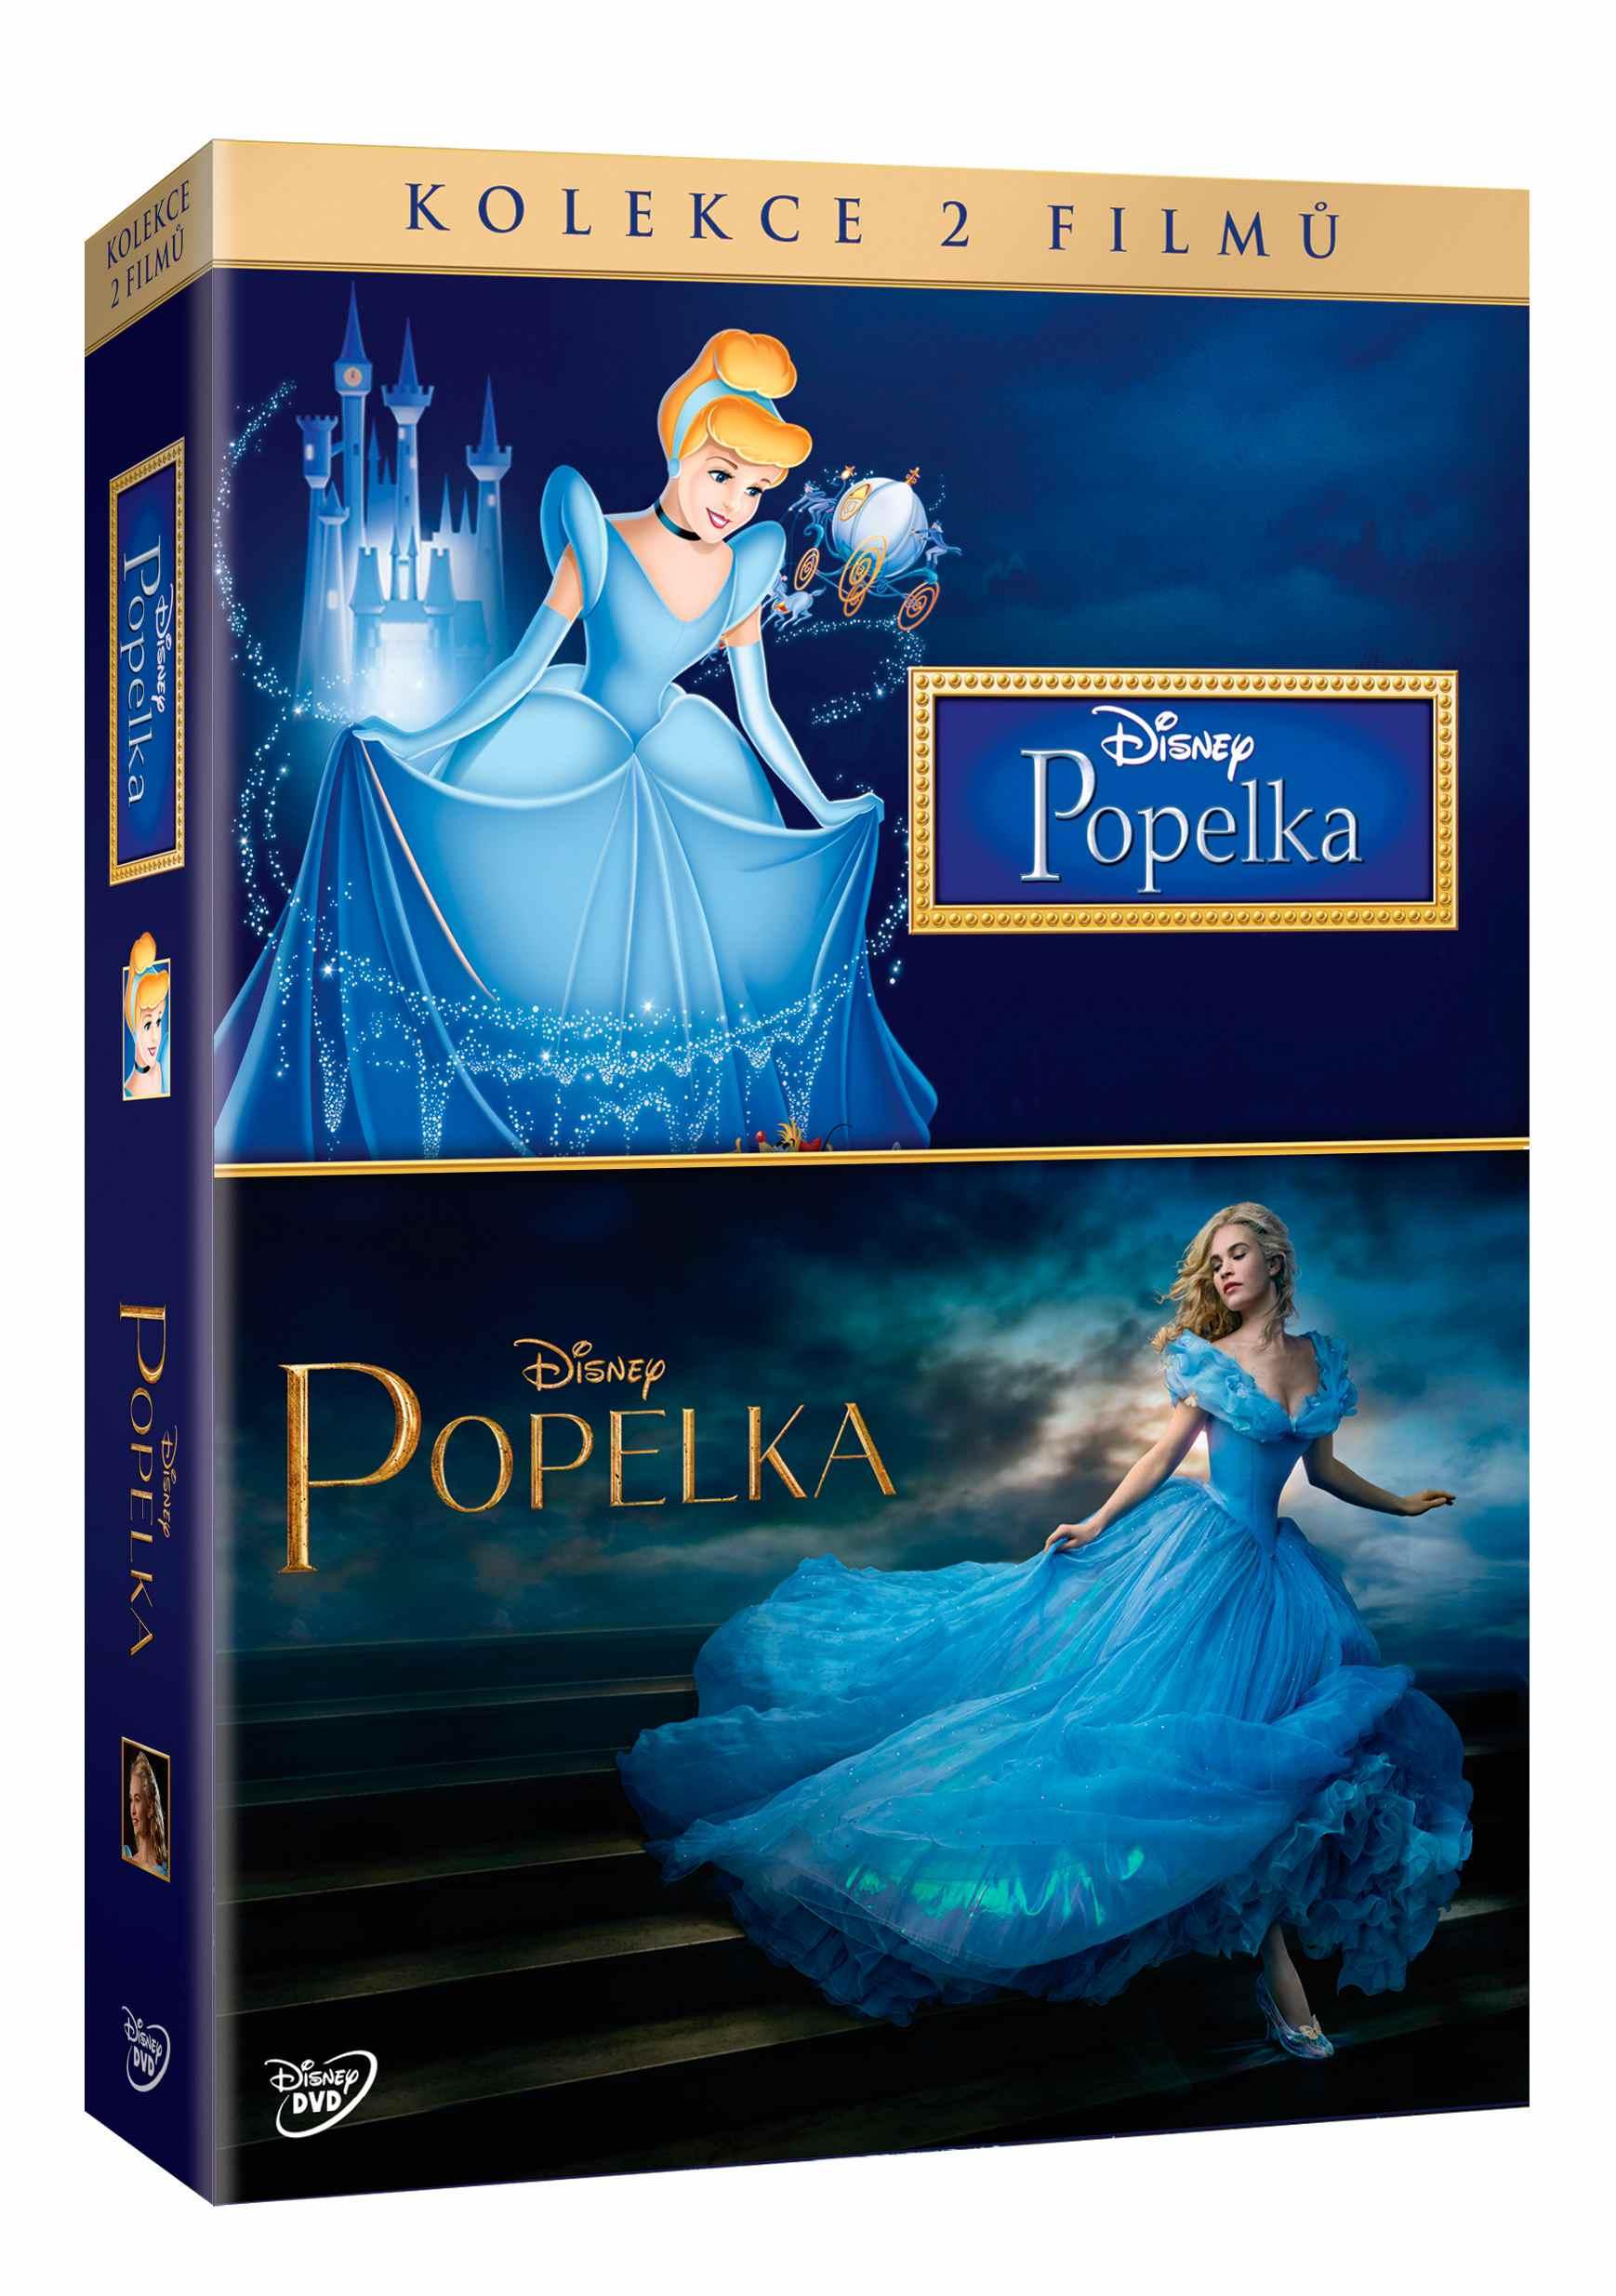 POPELKA (2015) + POPELKA (1950) - KOLEKCE - 2 DVD